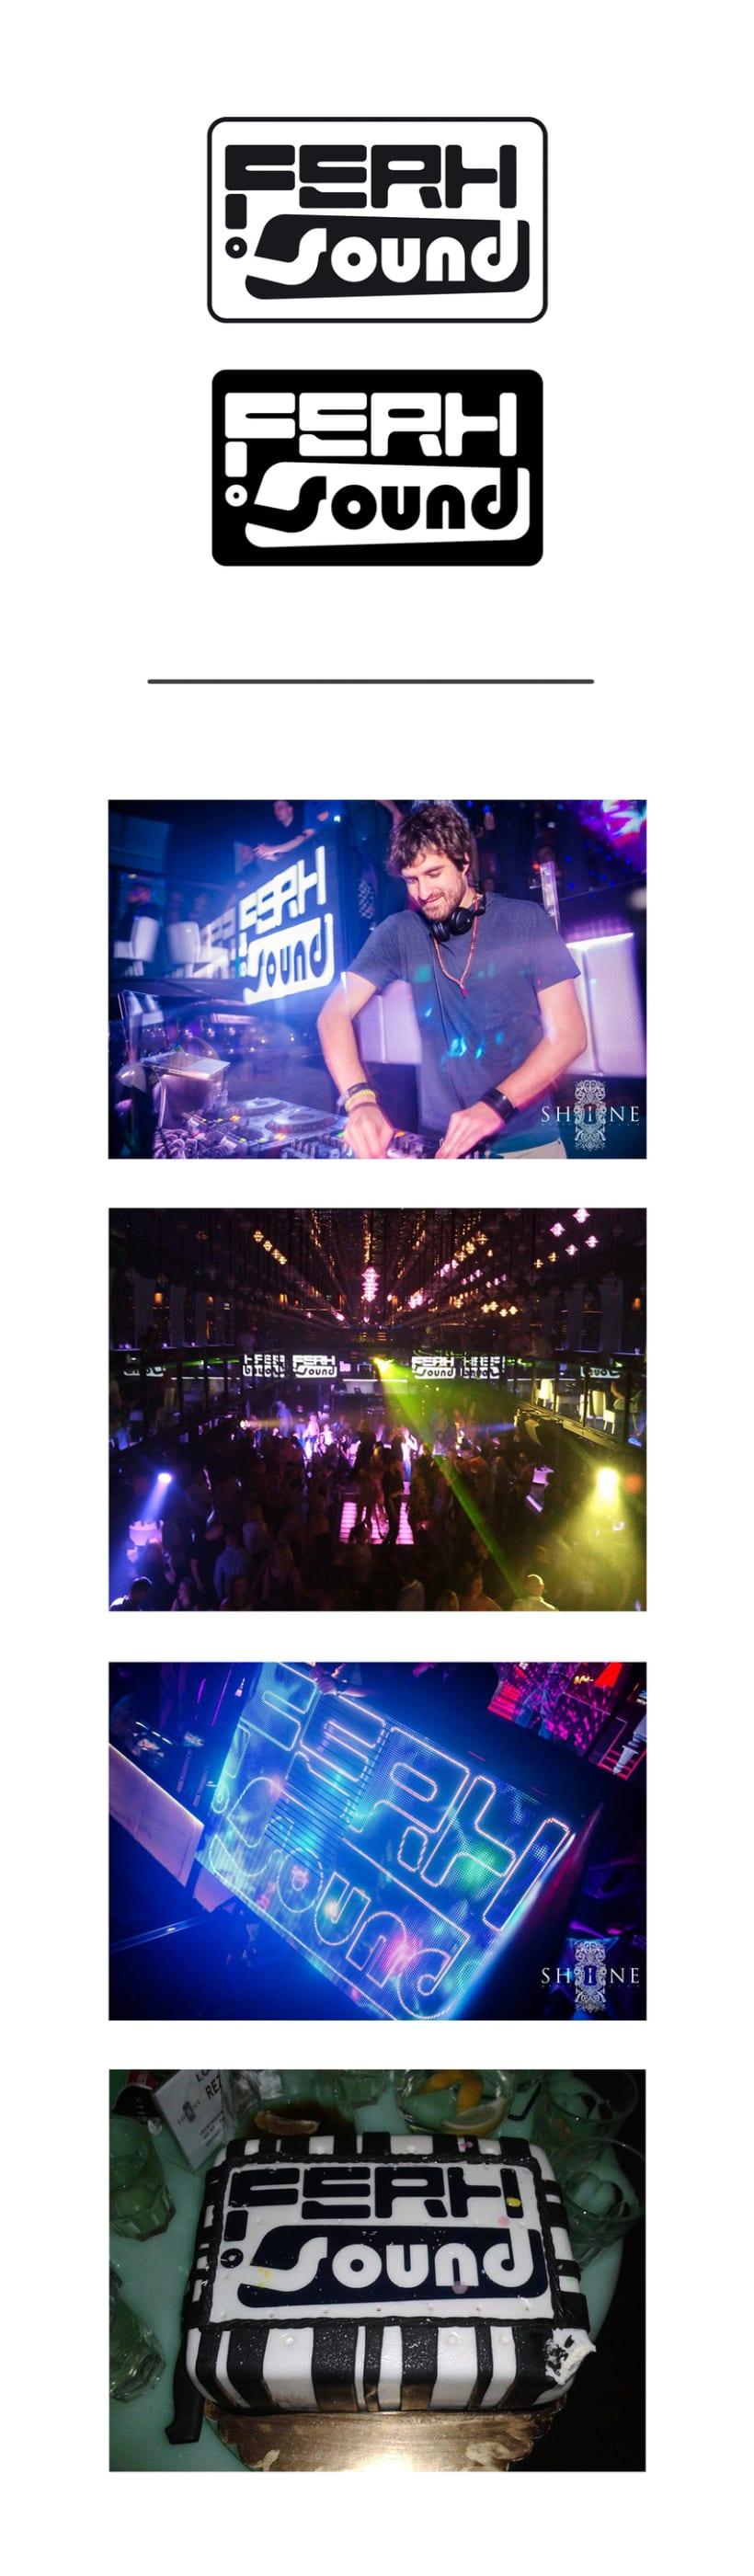 DJ Ferh.Sound 1